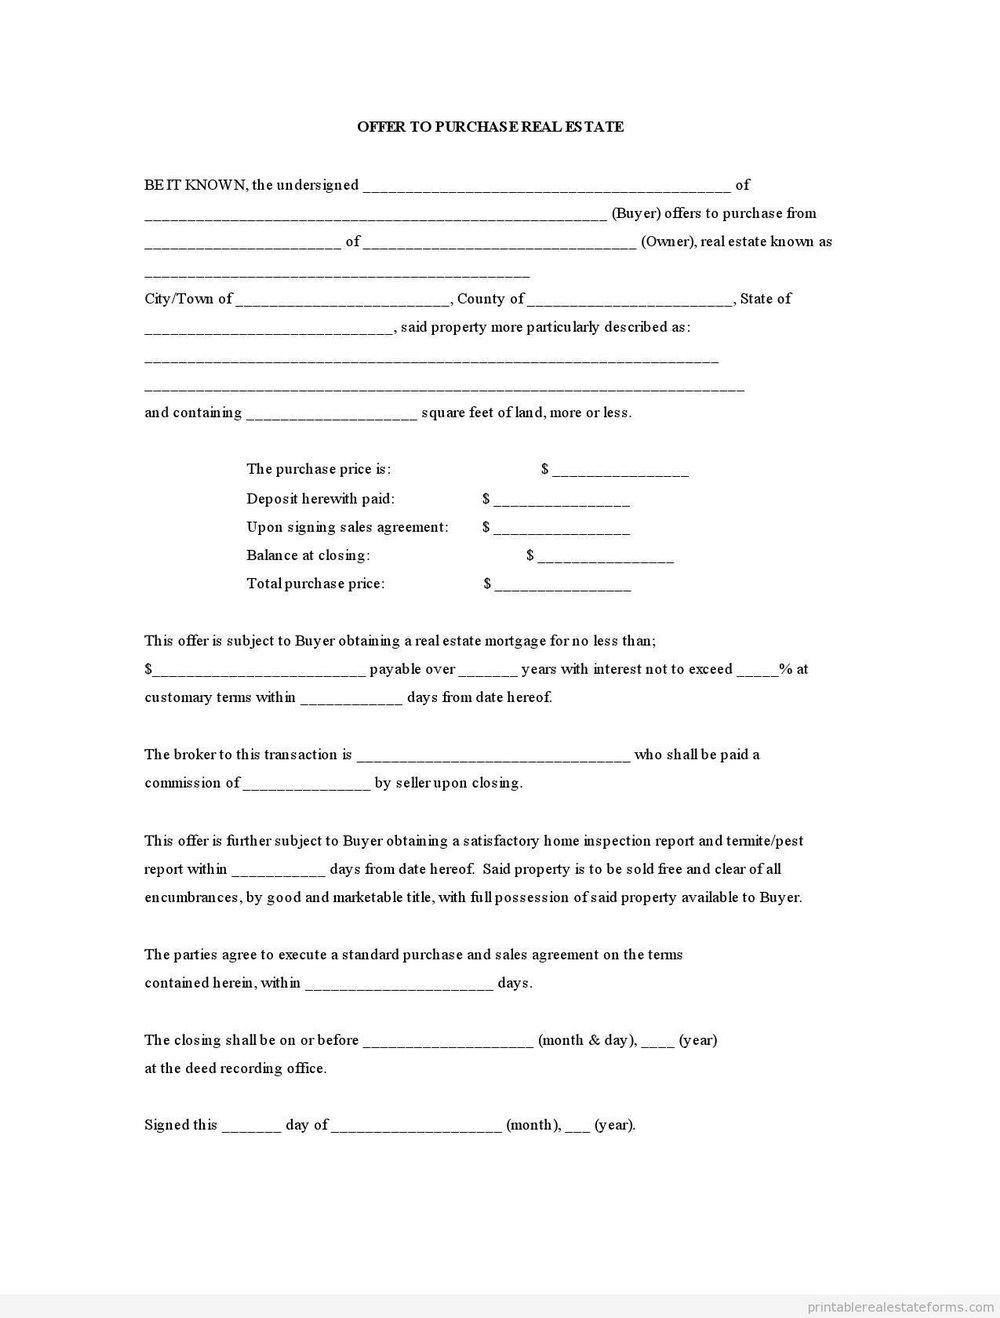 Counter Affidavit Sample Form